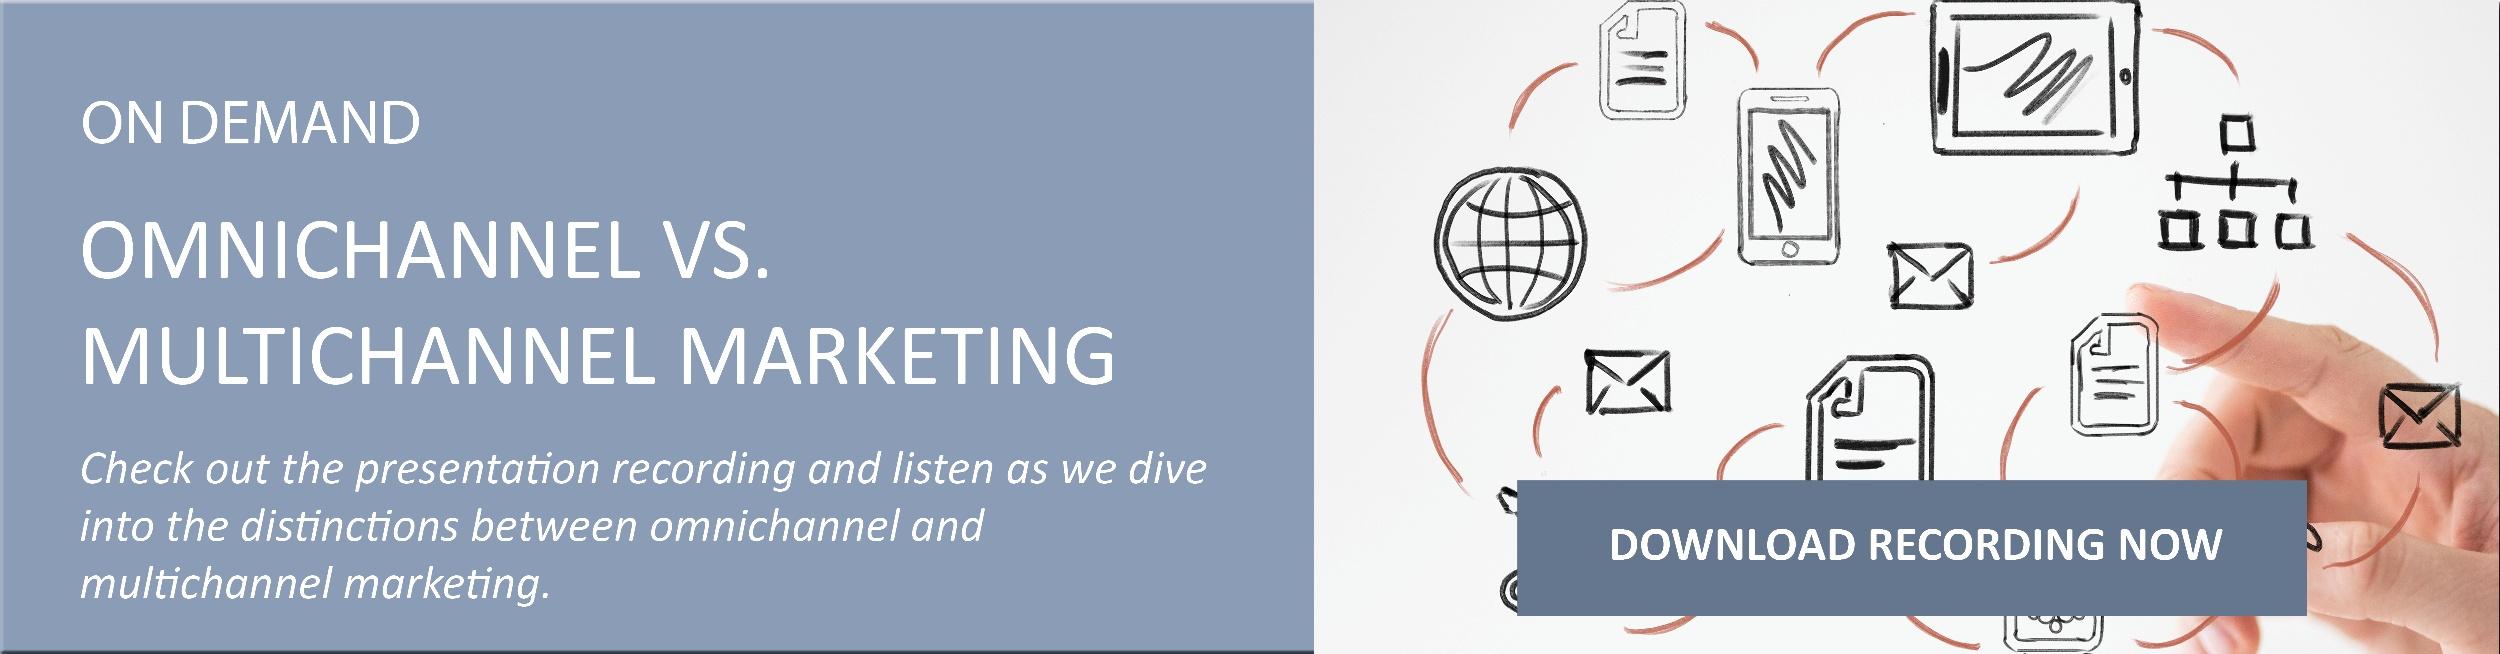 CTA-webinar-omnichannel-vs-multichannel-marketing